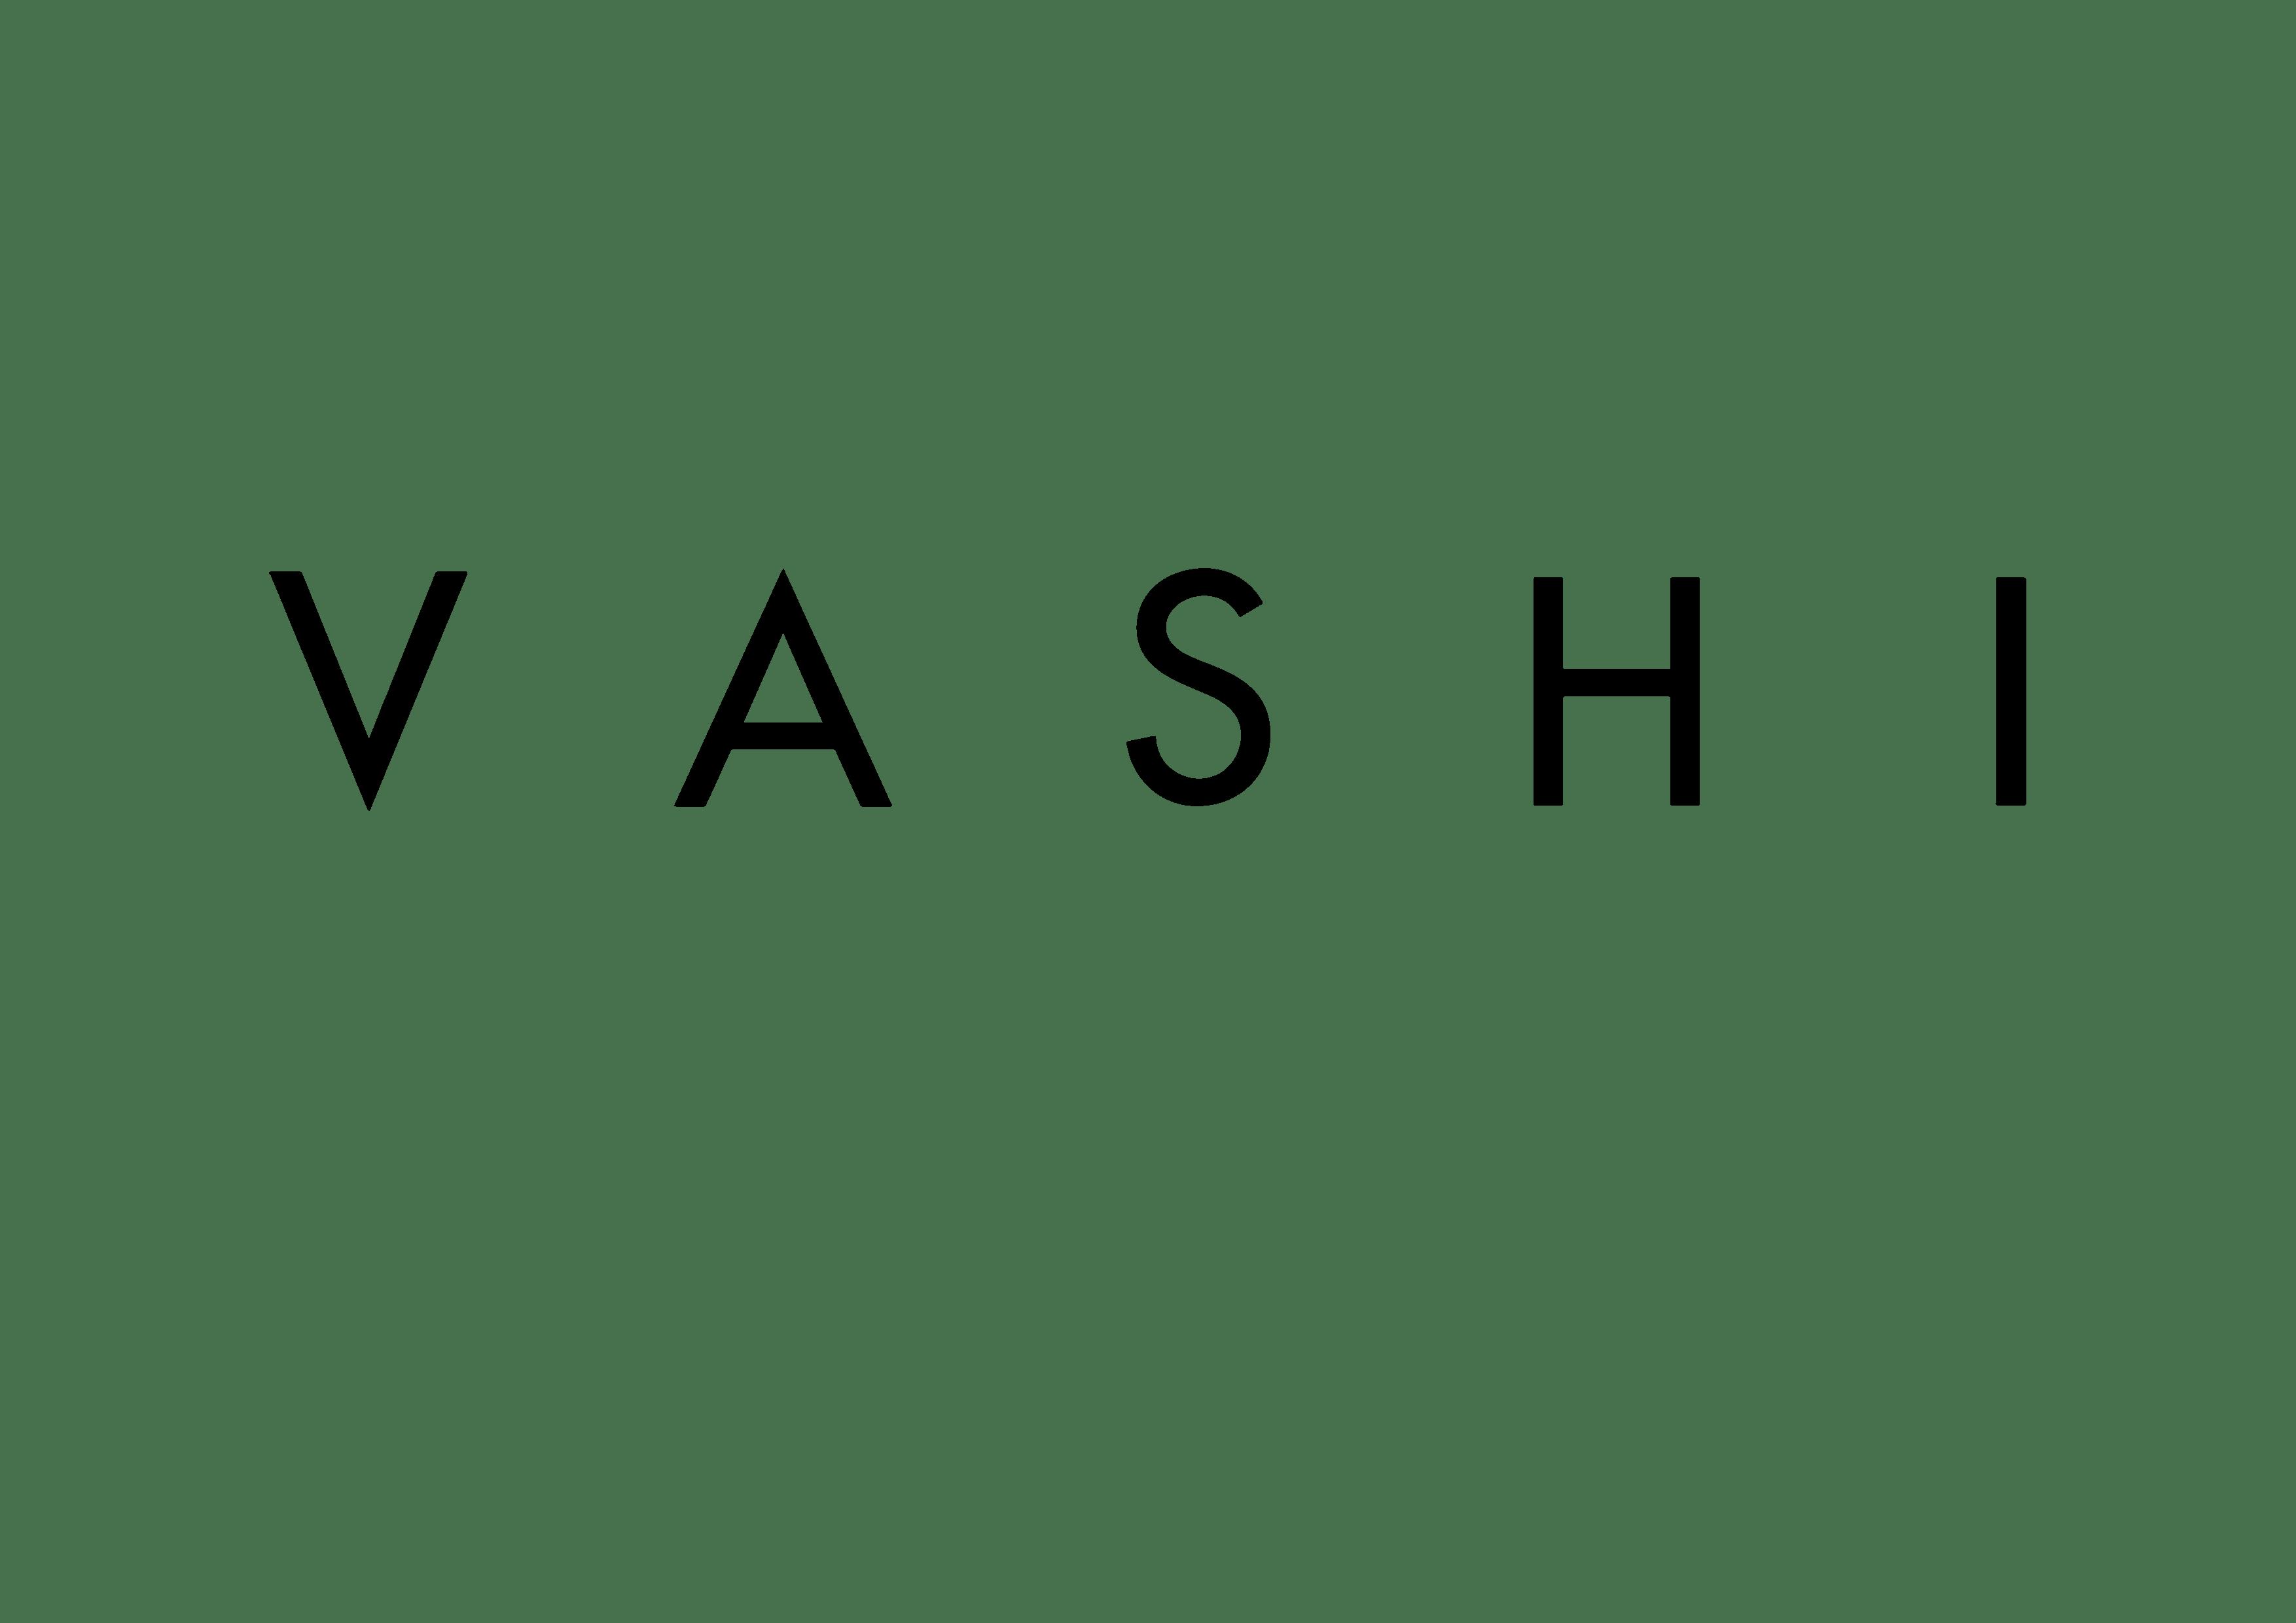 VASHI company logo